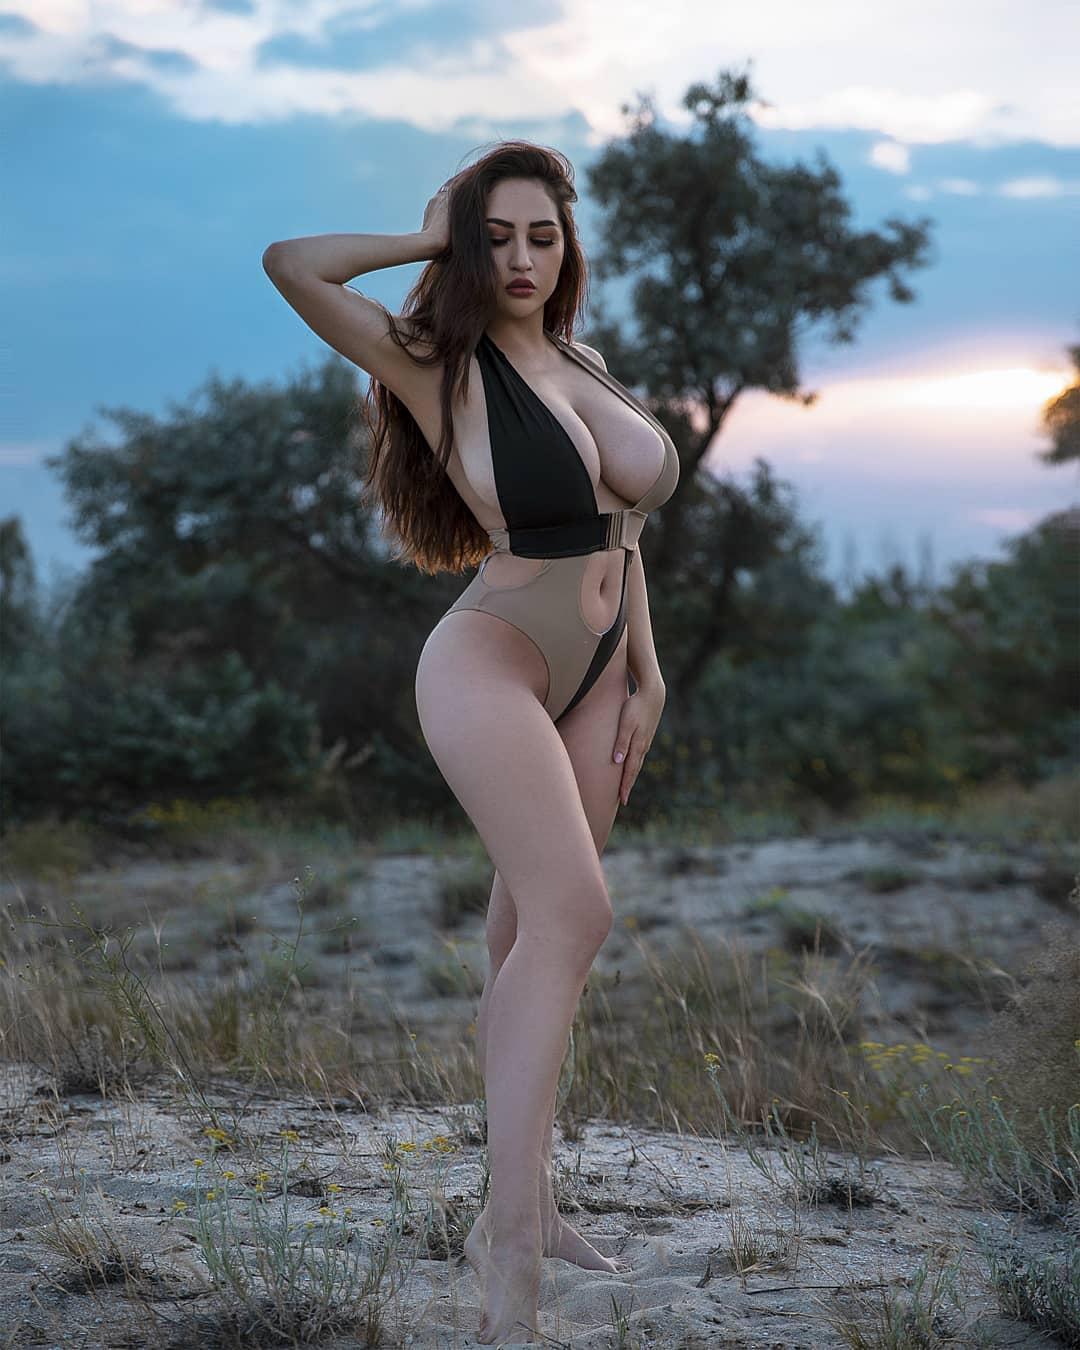 Louisa Khovanski Nude Onlyfans Leaked 0031